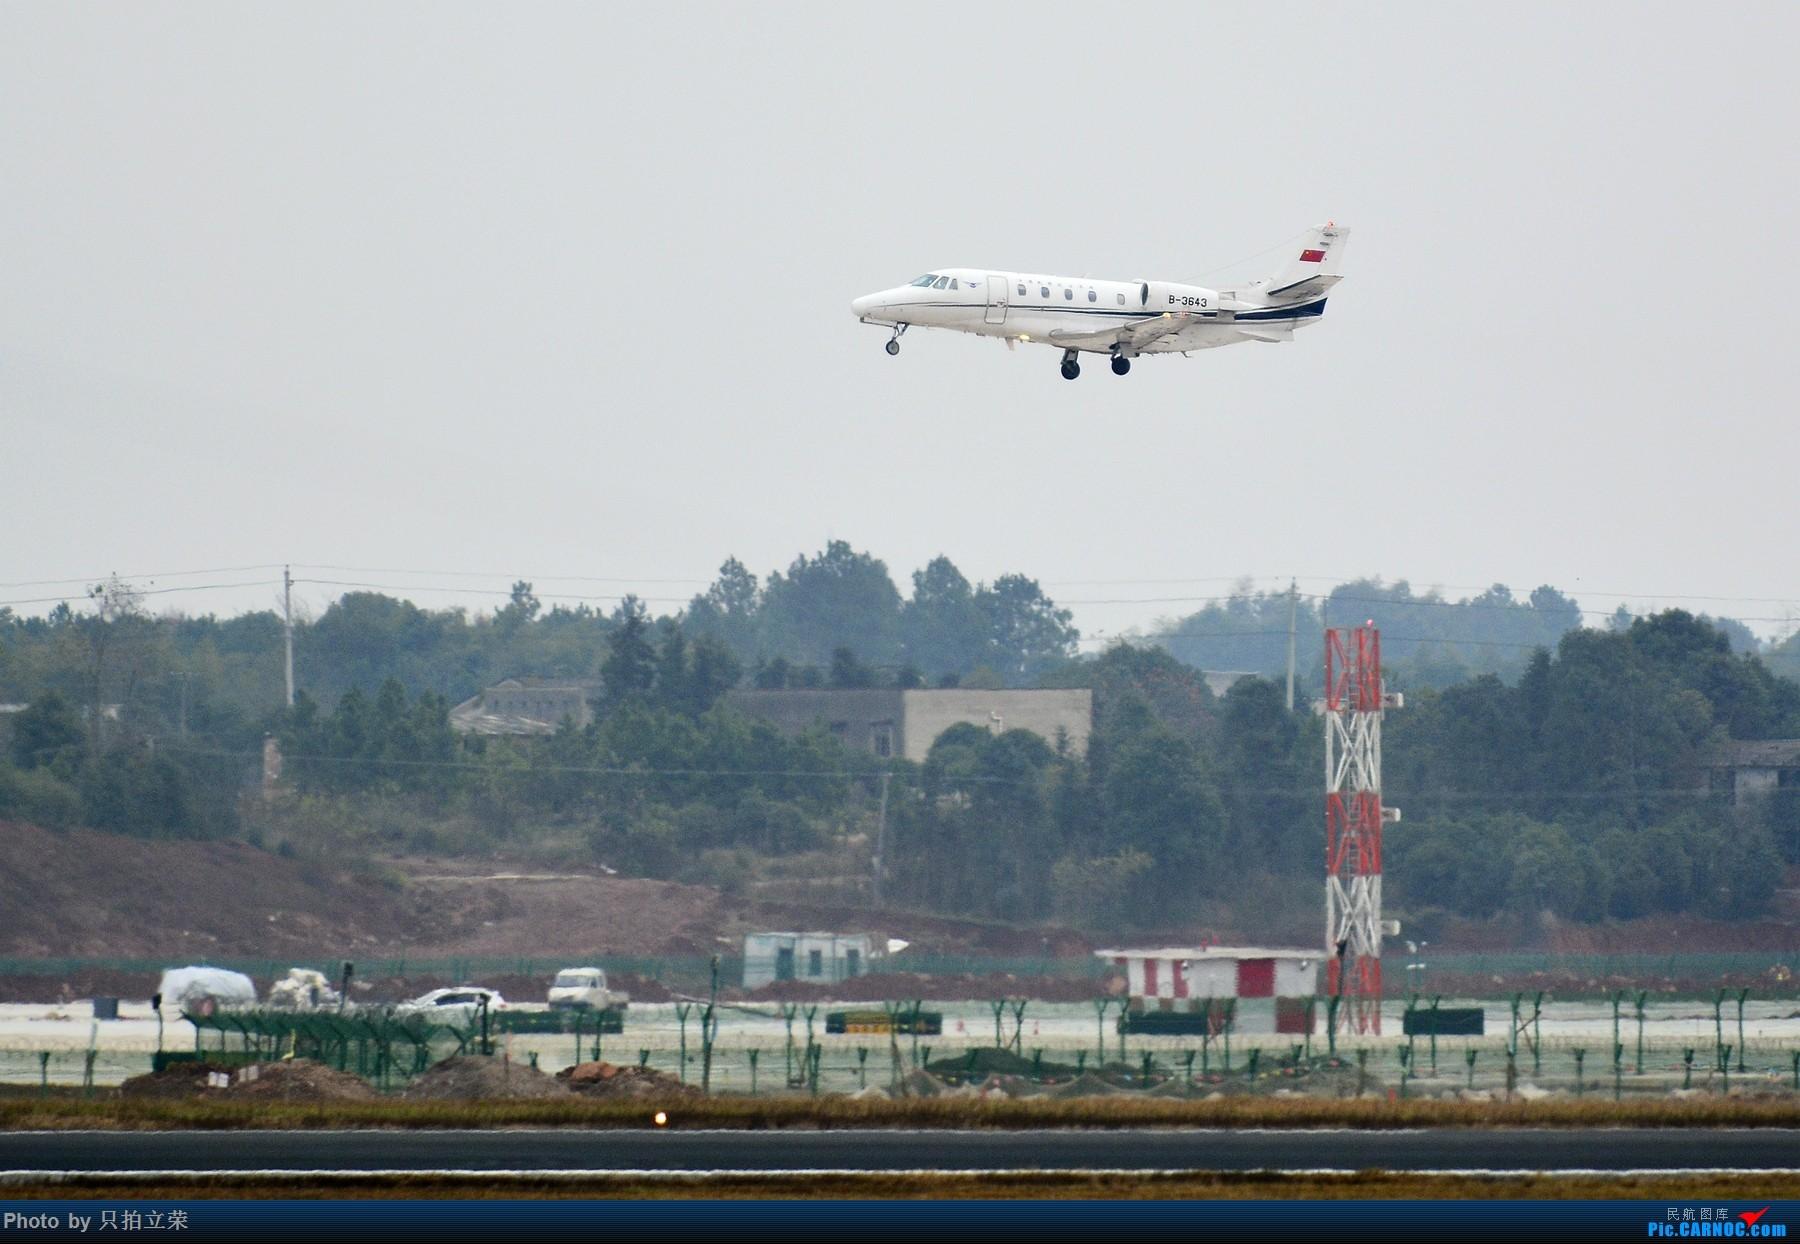 Re:[原创]长沙飞友会之--很久没拍机了,只拍立荣重回黄花! CESSNA 560XL B-3643 中国长沙黄花国际机场